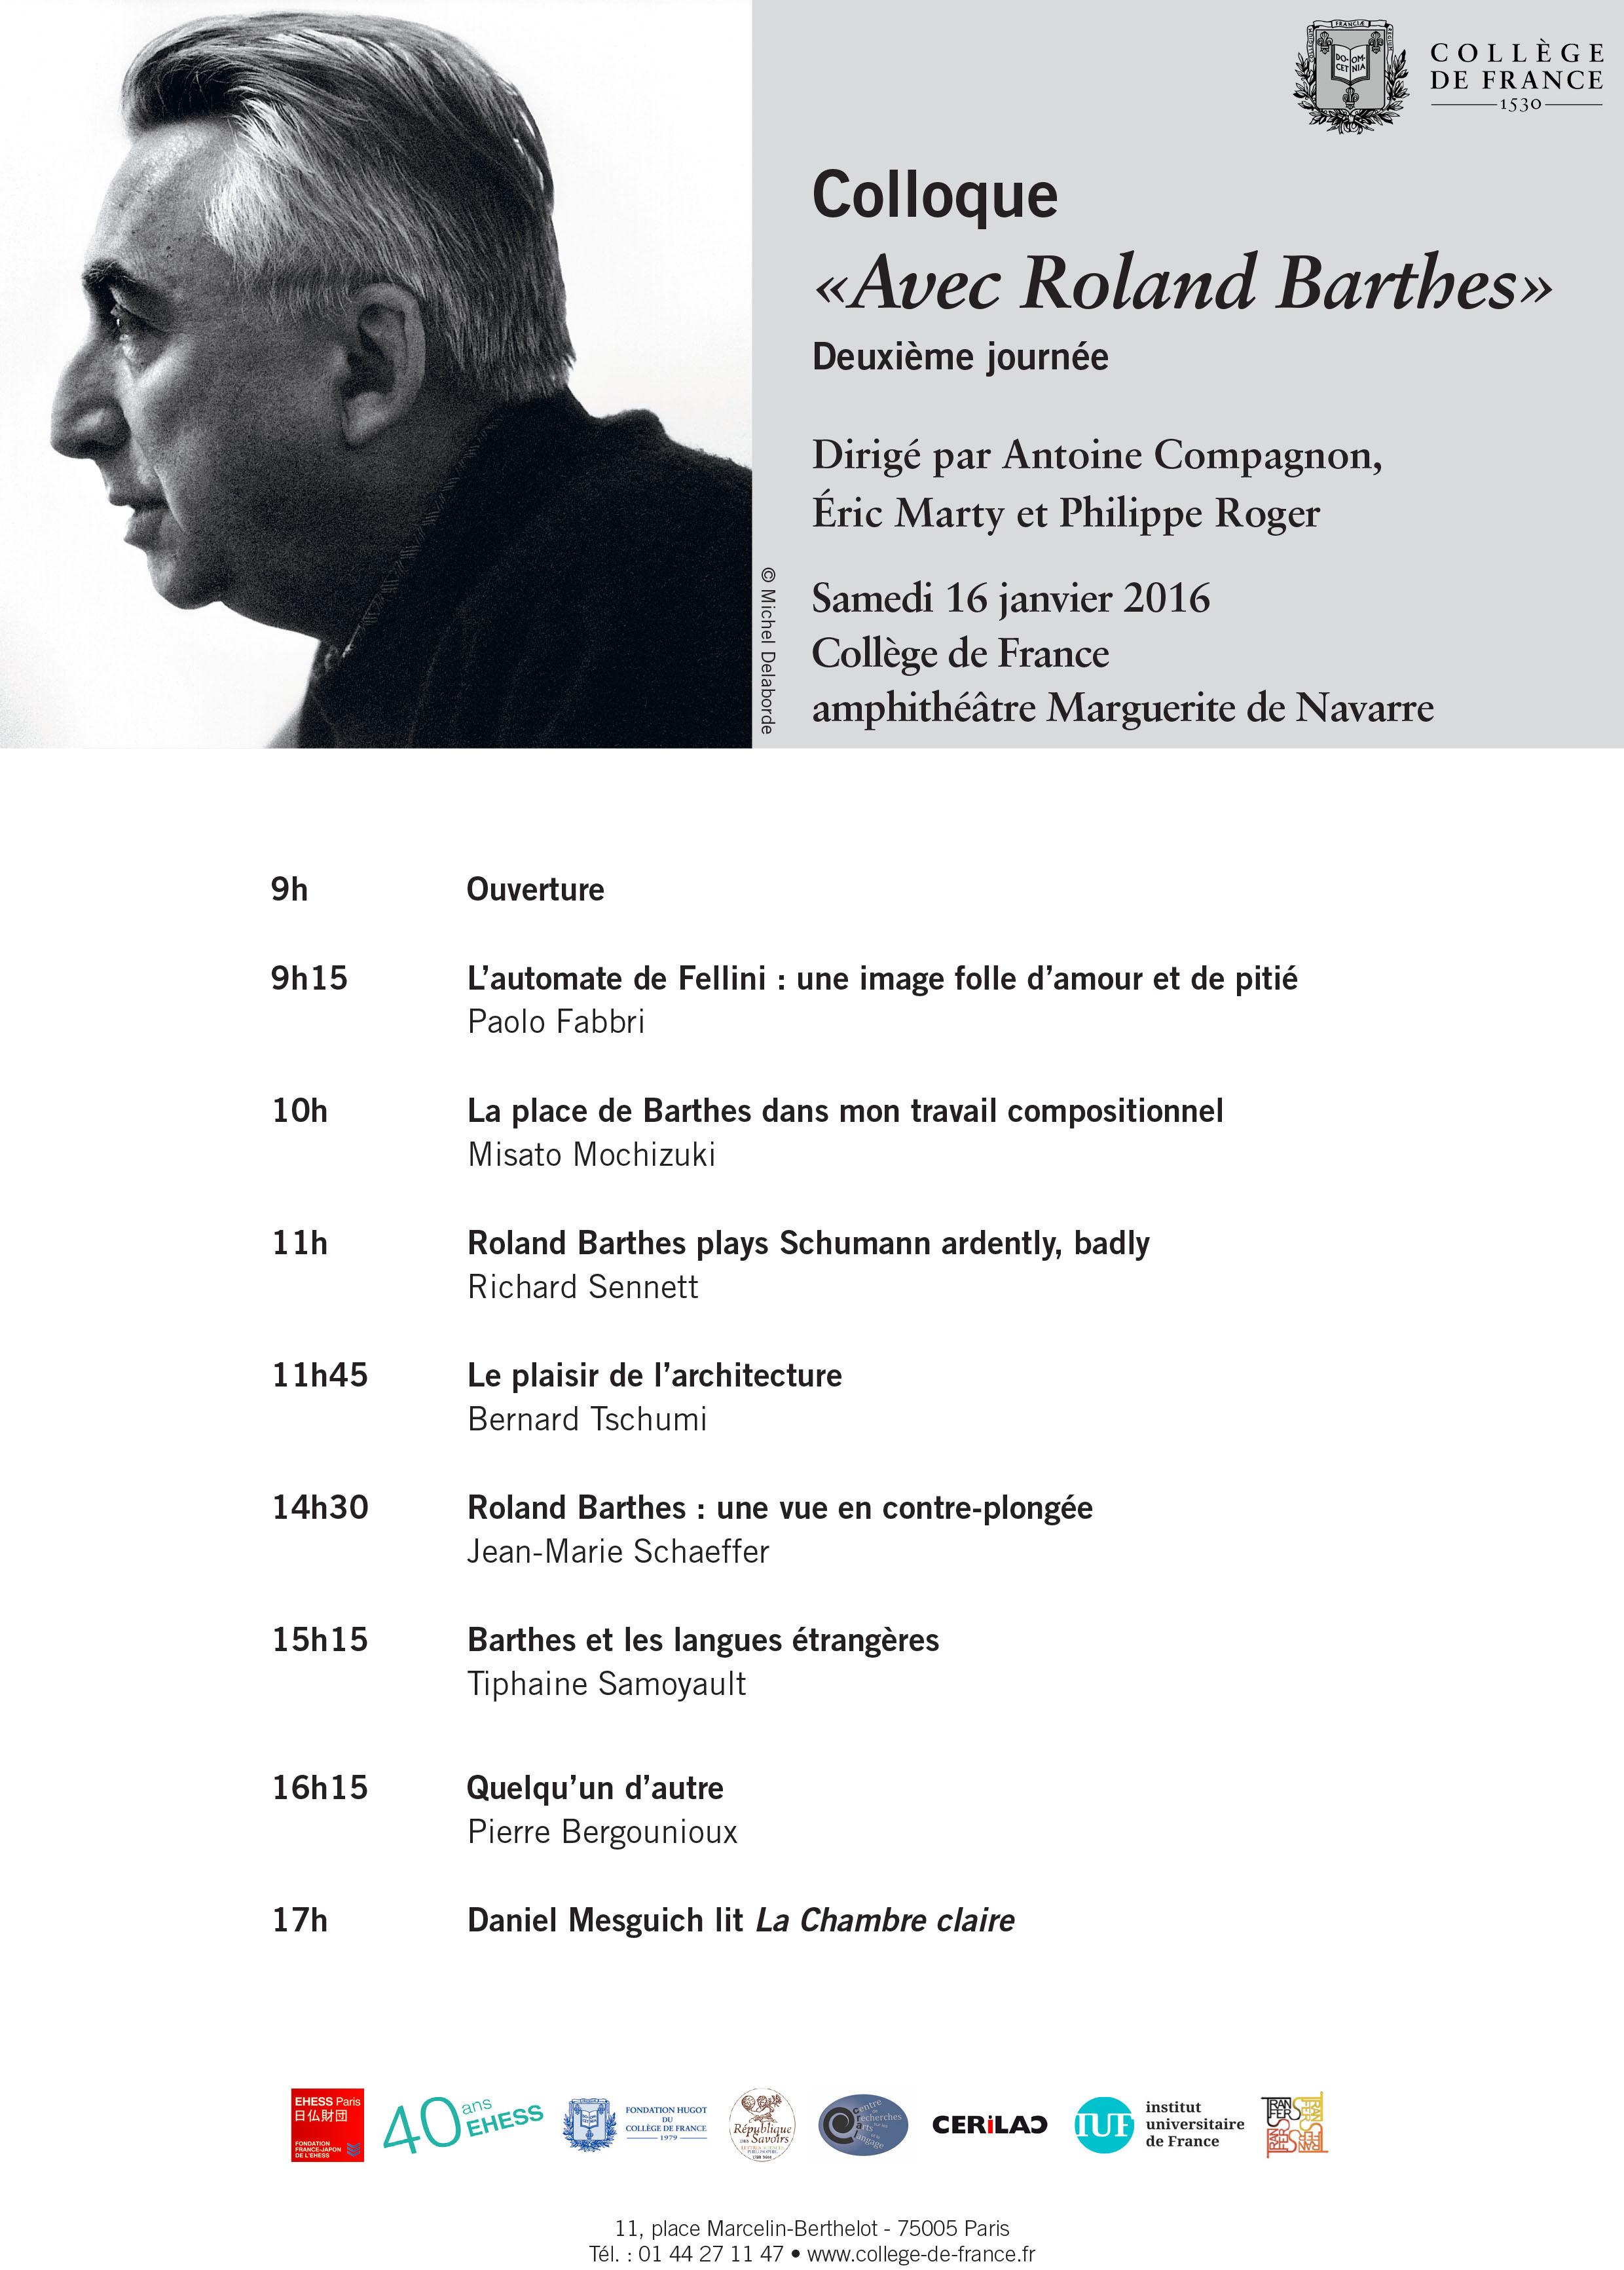 Avec Roland Barthes (2nde journée)